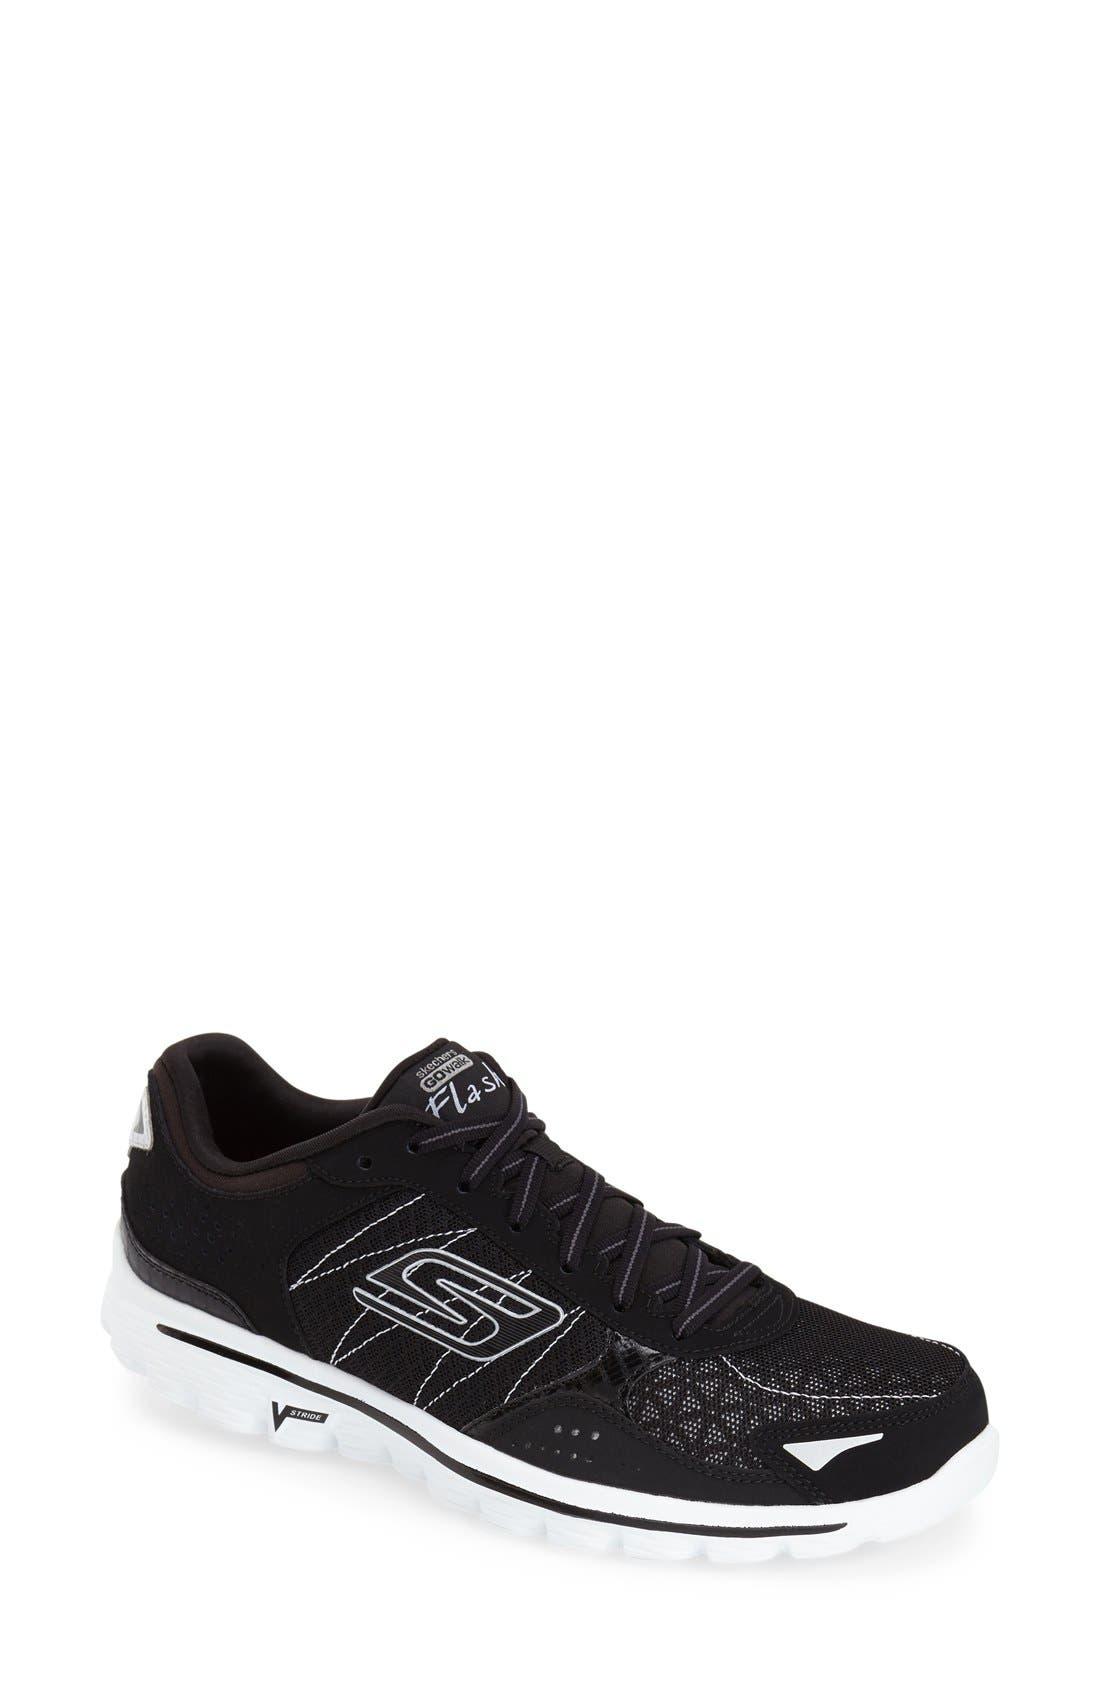 Main Image - SKECHERS 'GOwalk 2 - Flash' Sneaker (Women)